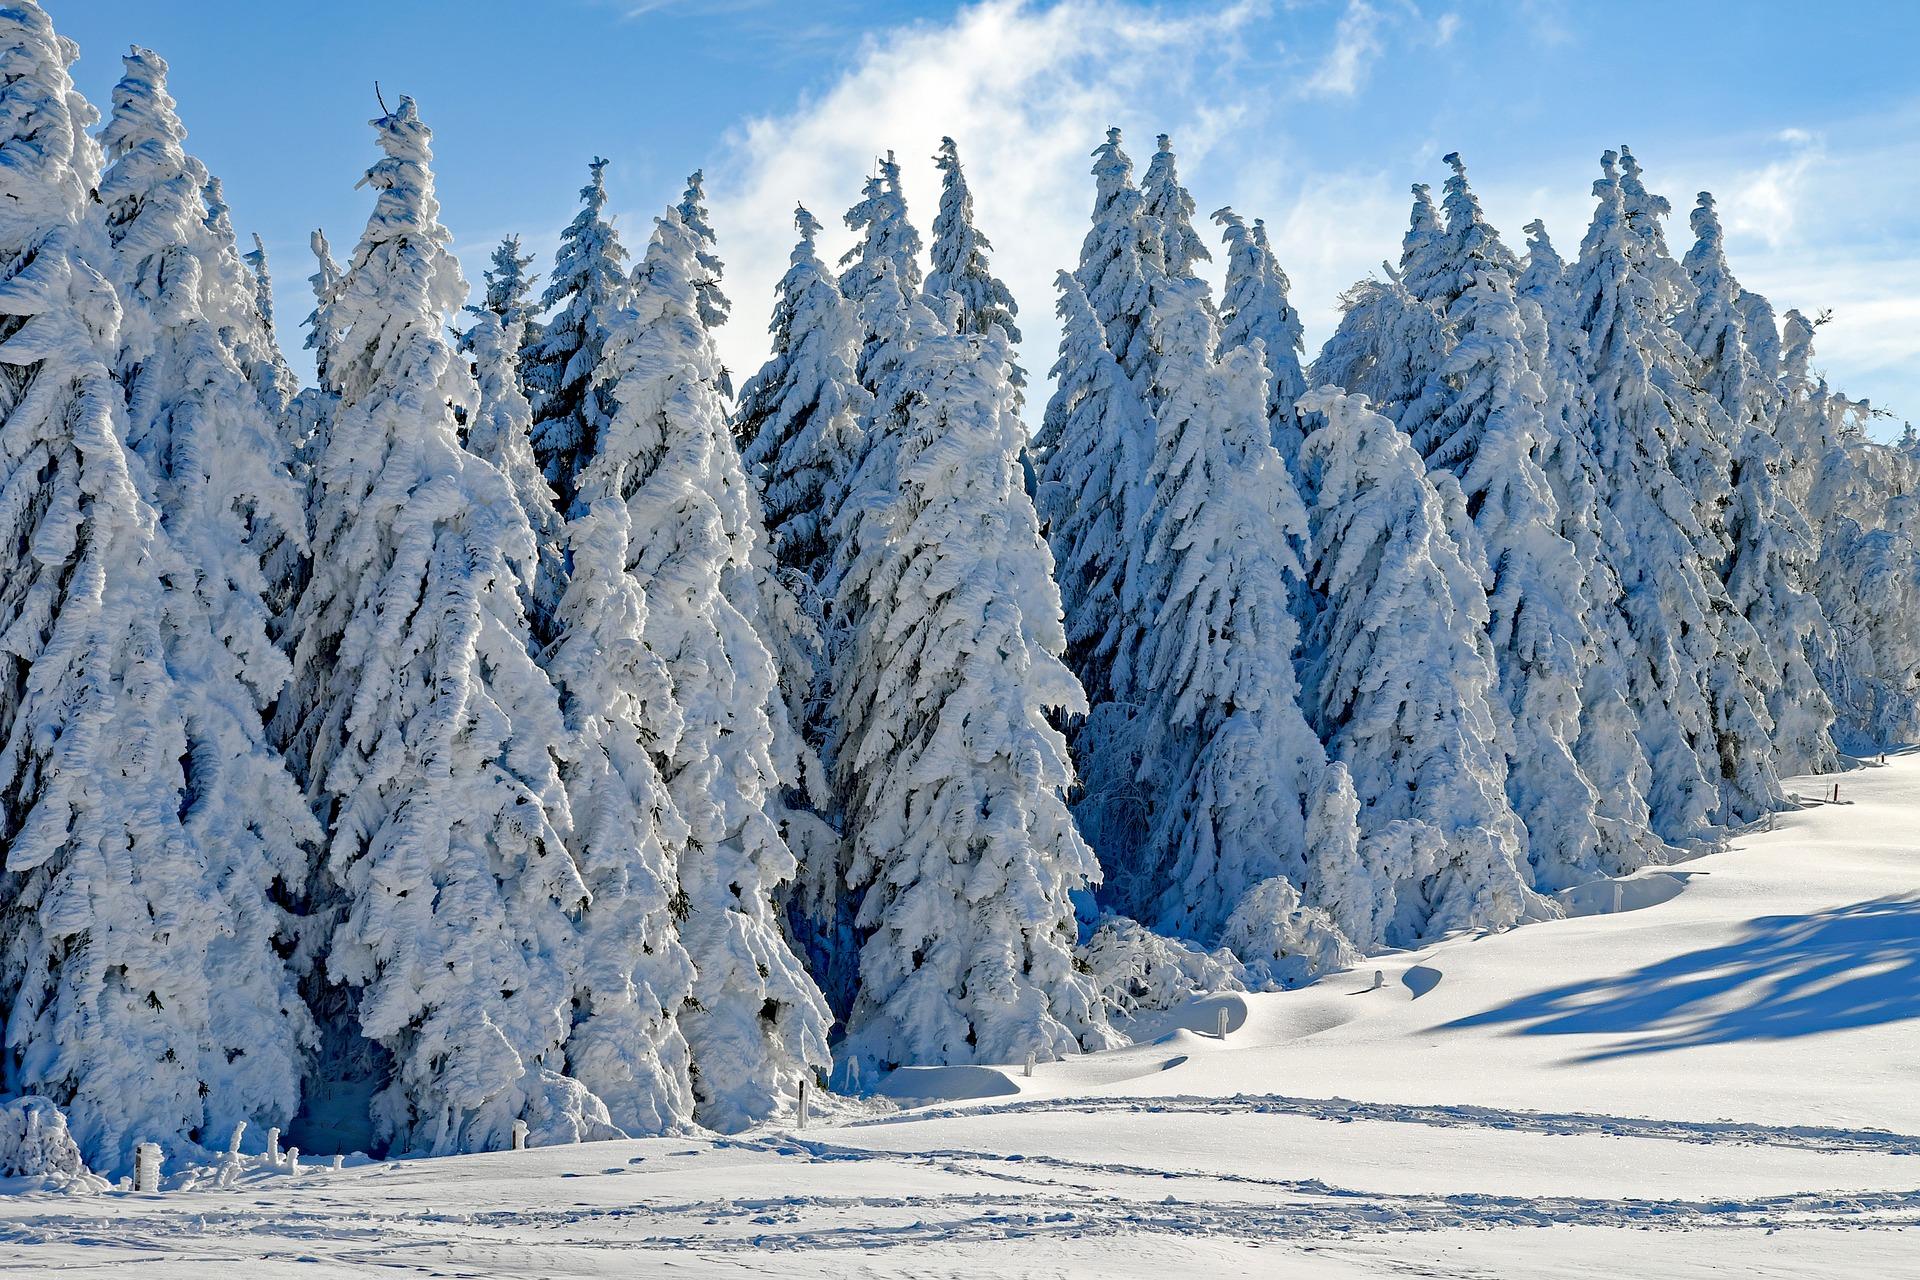 Paisajes de invierno. Sobreexposición